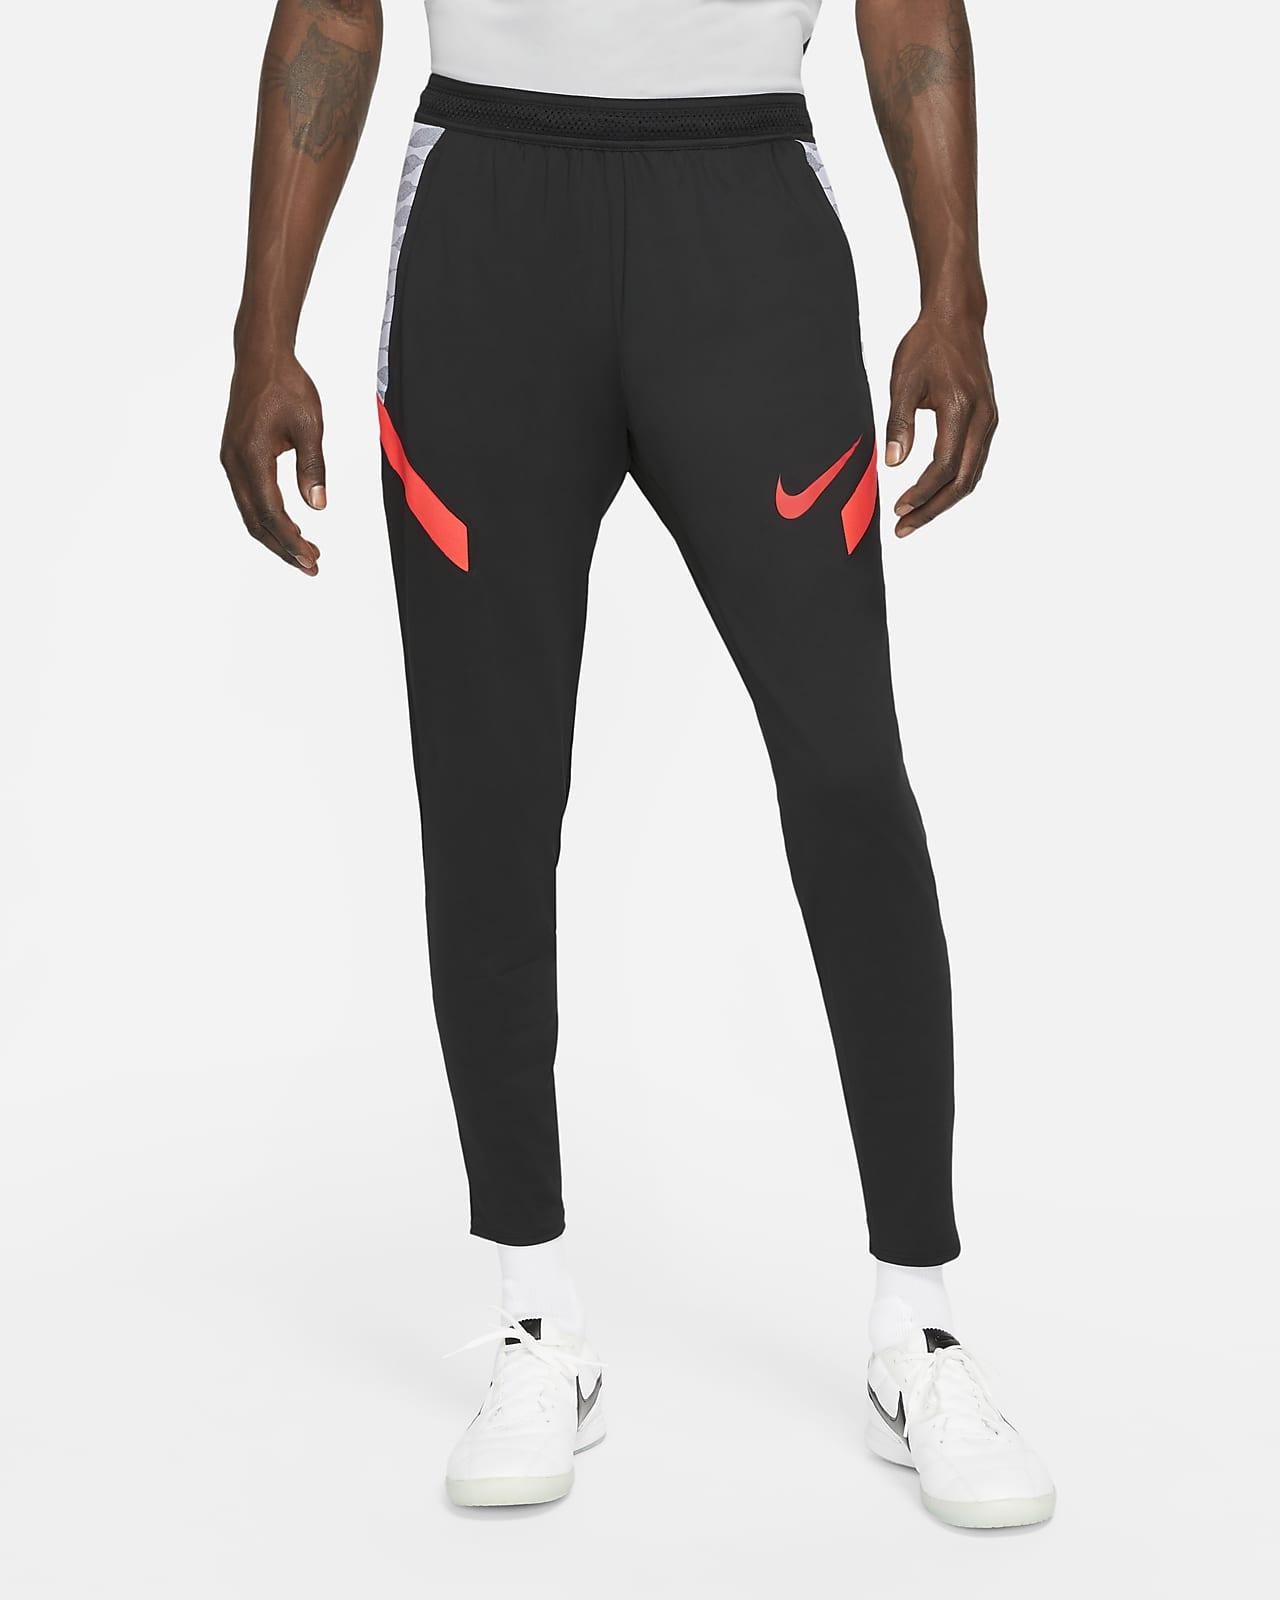 Ανδρικό ποδοσφαιρικό παντελόνι Nike Dri-FIT Strike